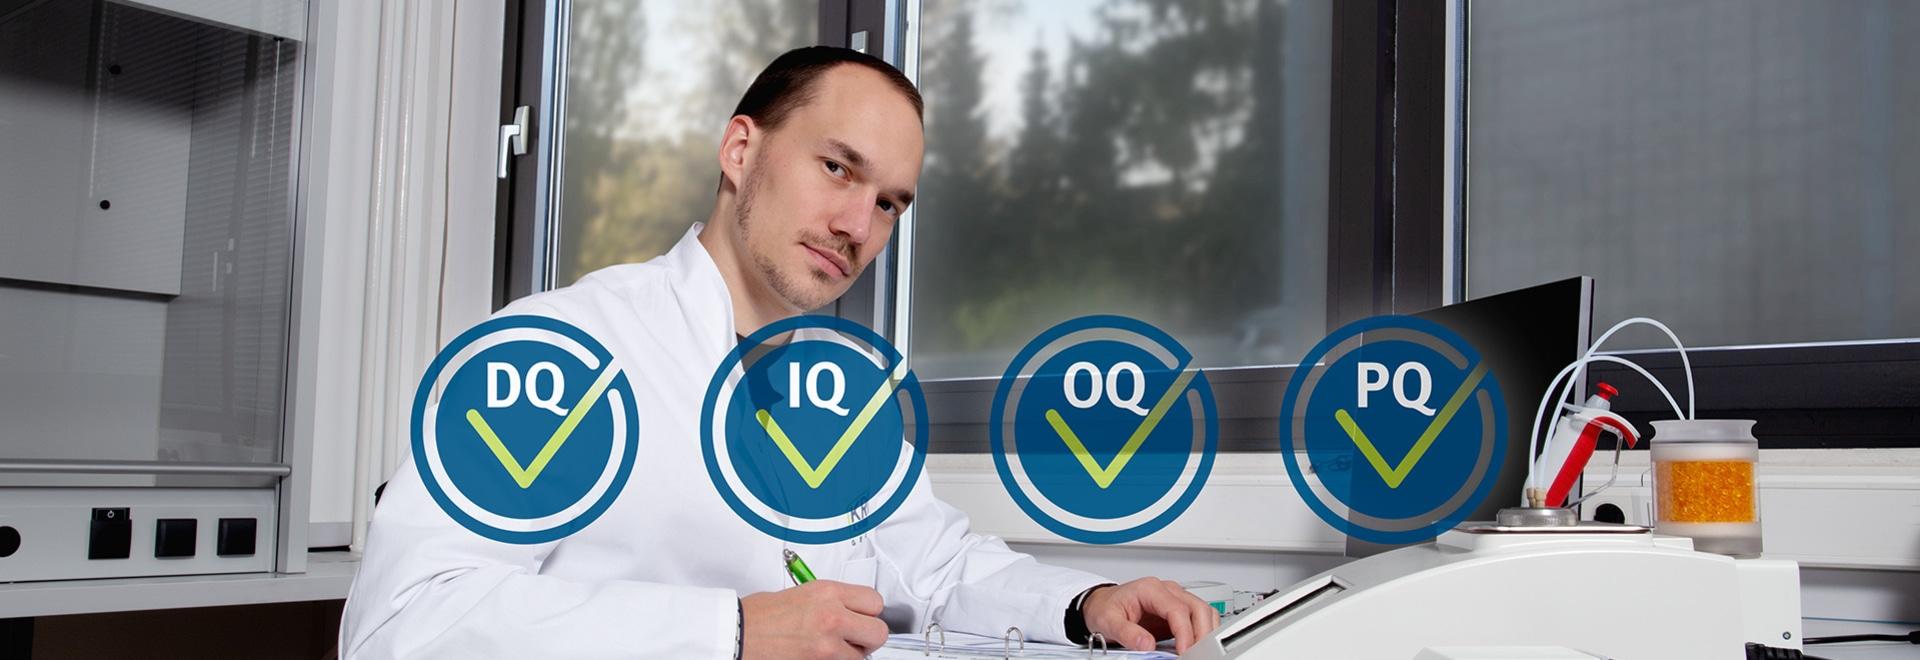 Qualificazione e convalida dei dispositivi: Nel passato, nel presente e nel futuro